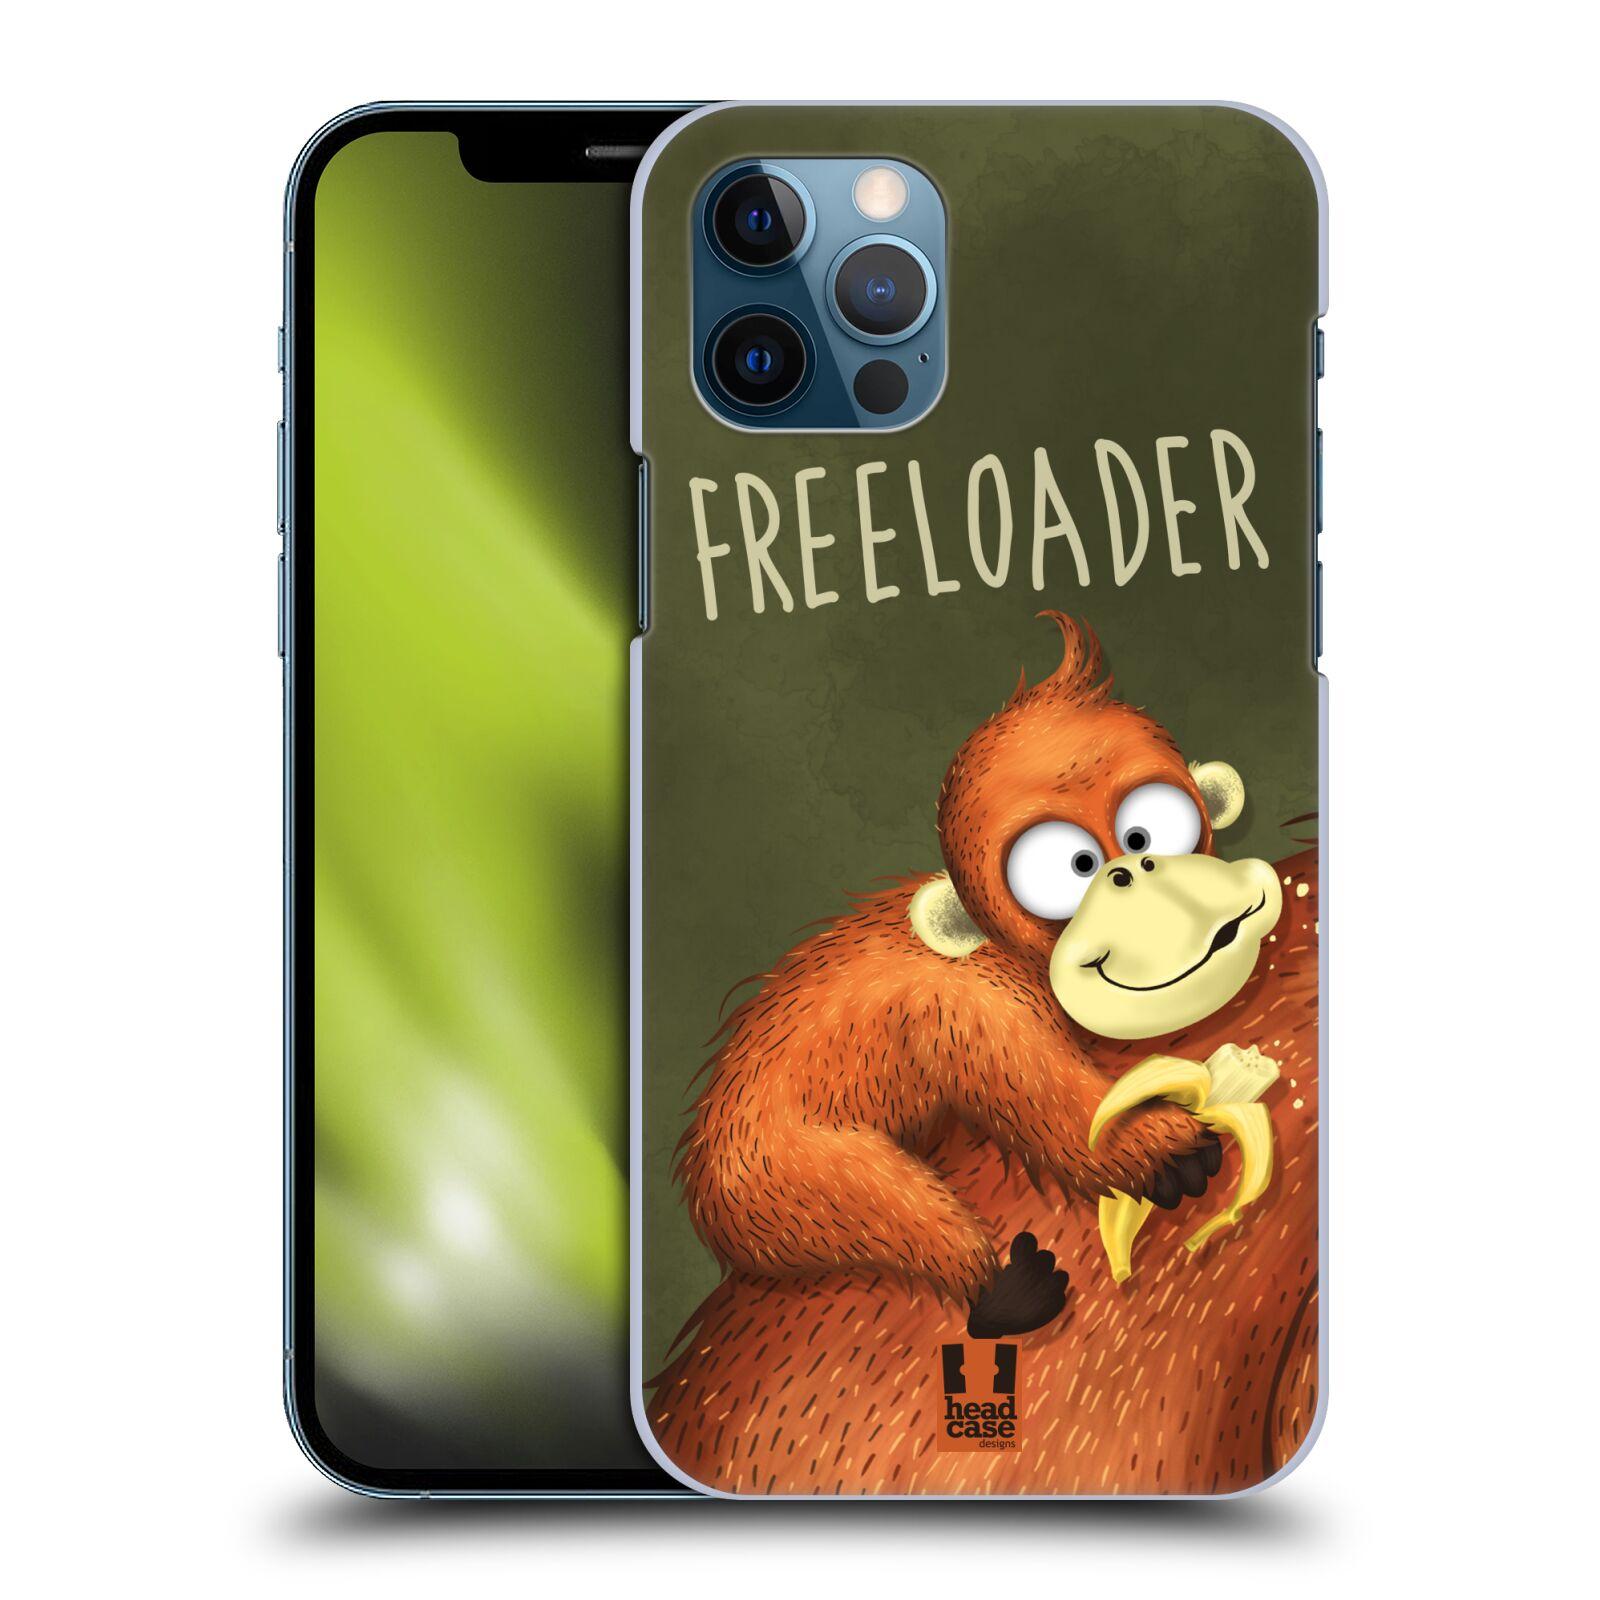 Plastové pouzdro na mobil Apple iPhone 12 / 12 Pro - Head Case - Opičák Freeloader